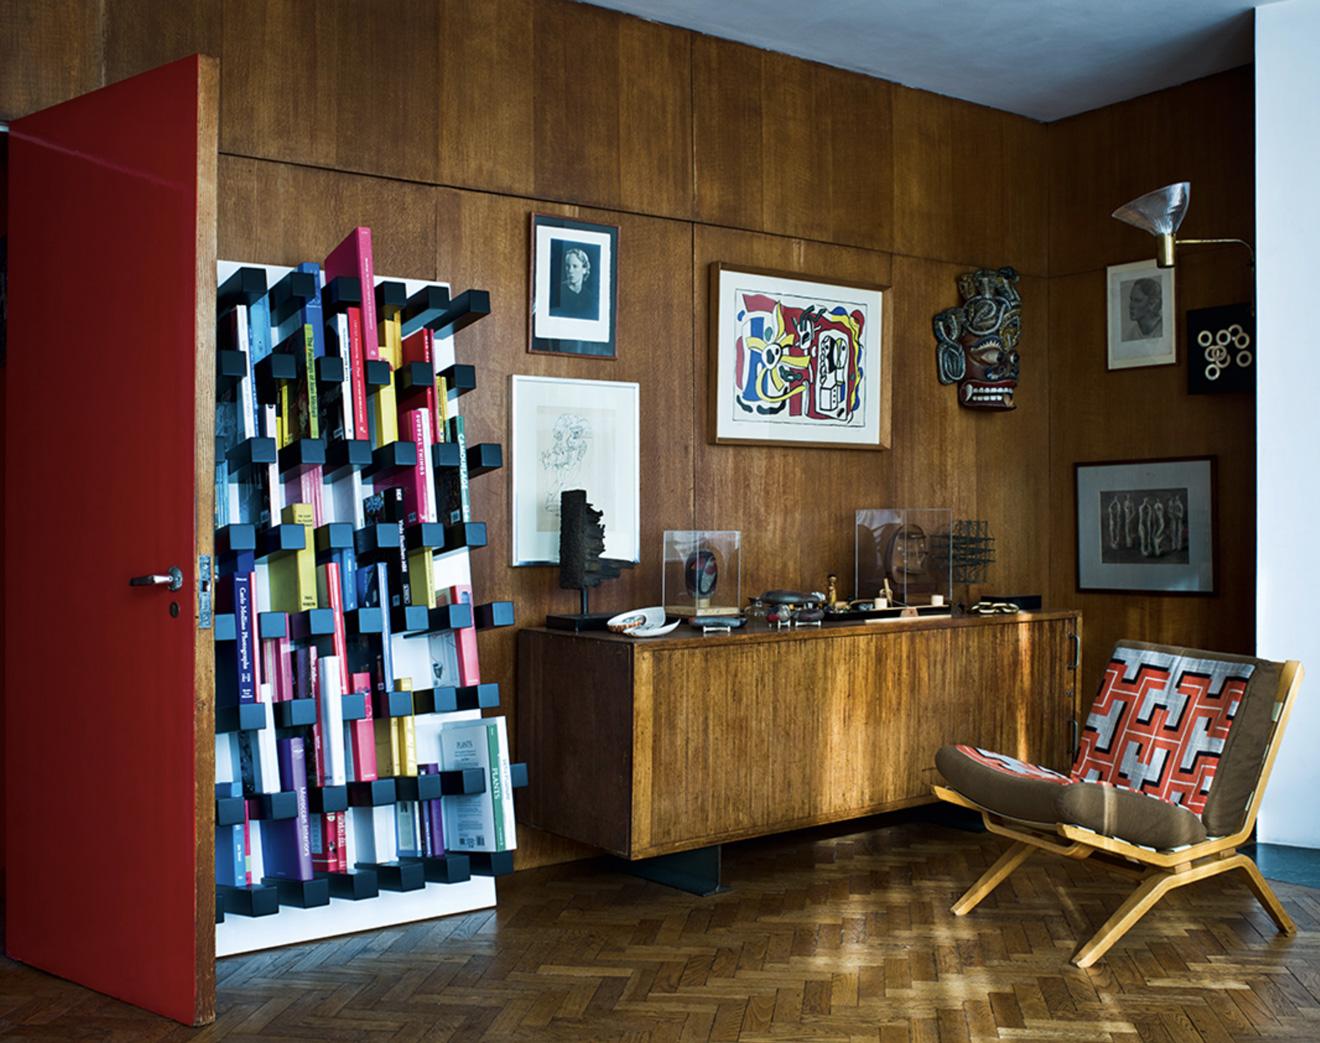 libreria piola bookshelf